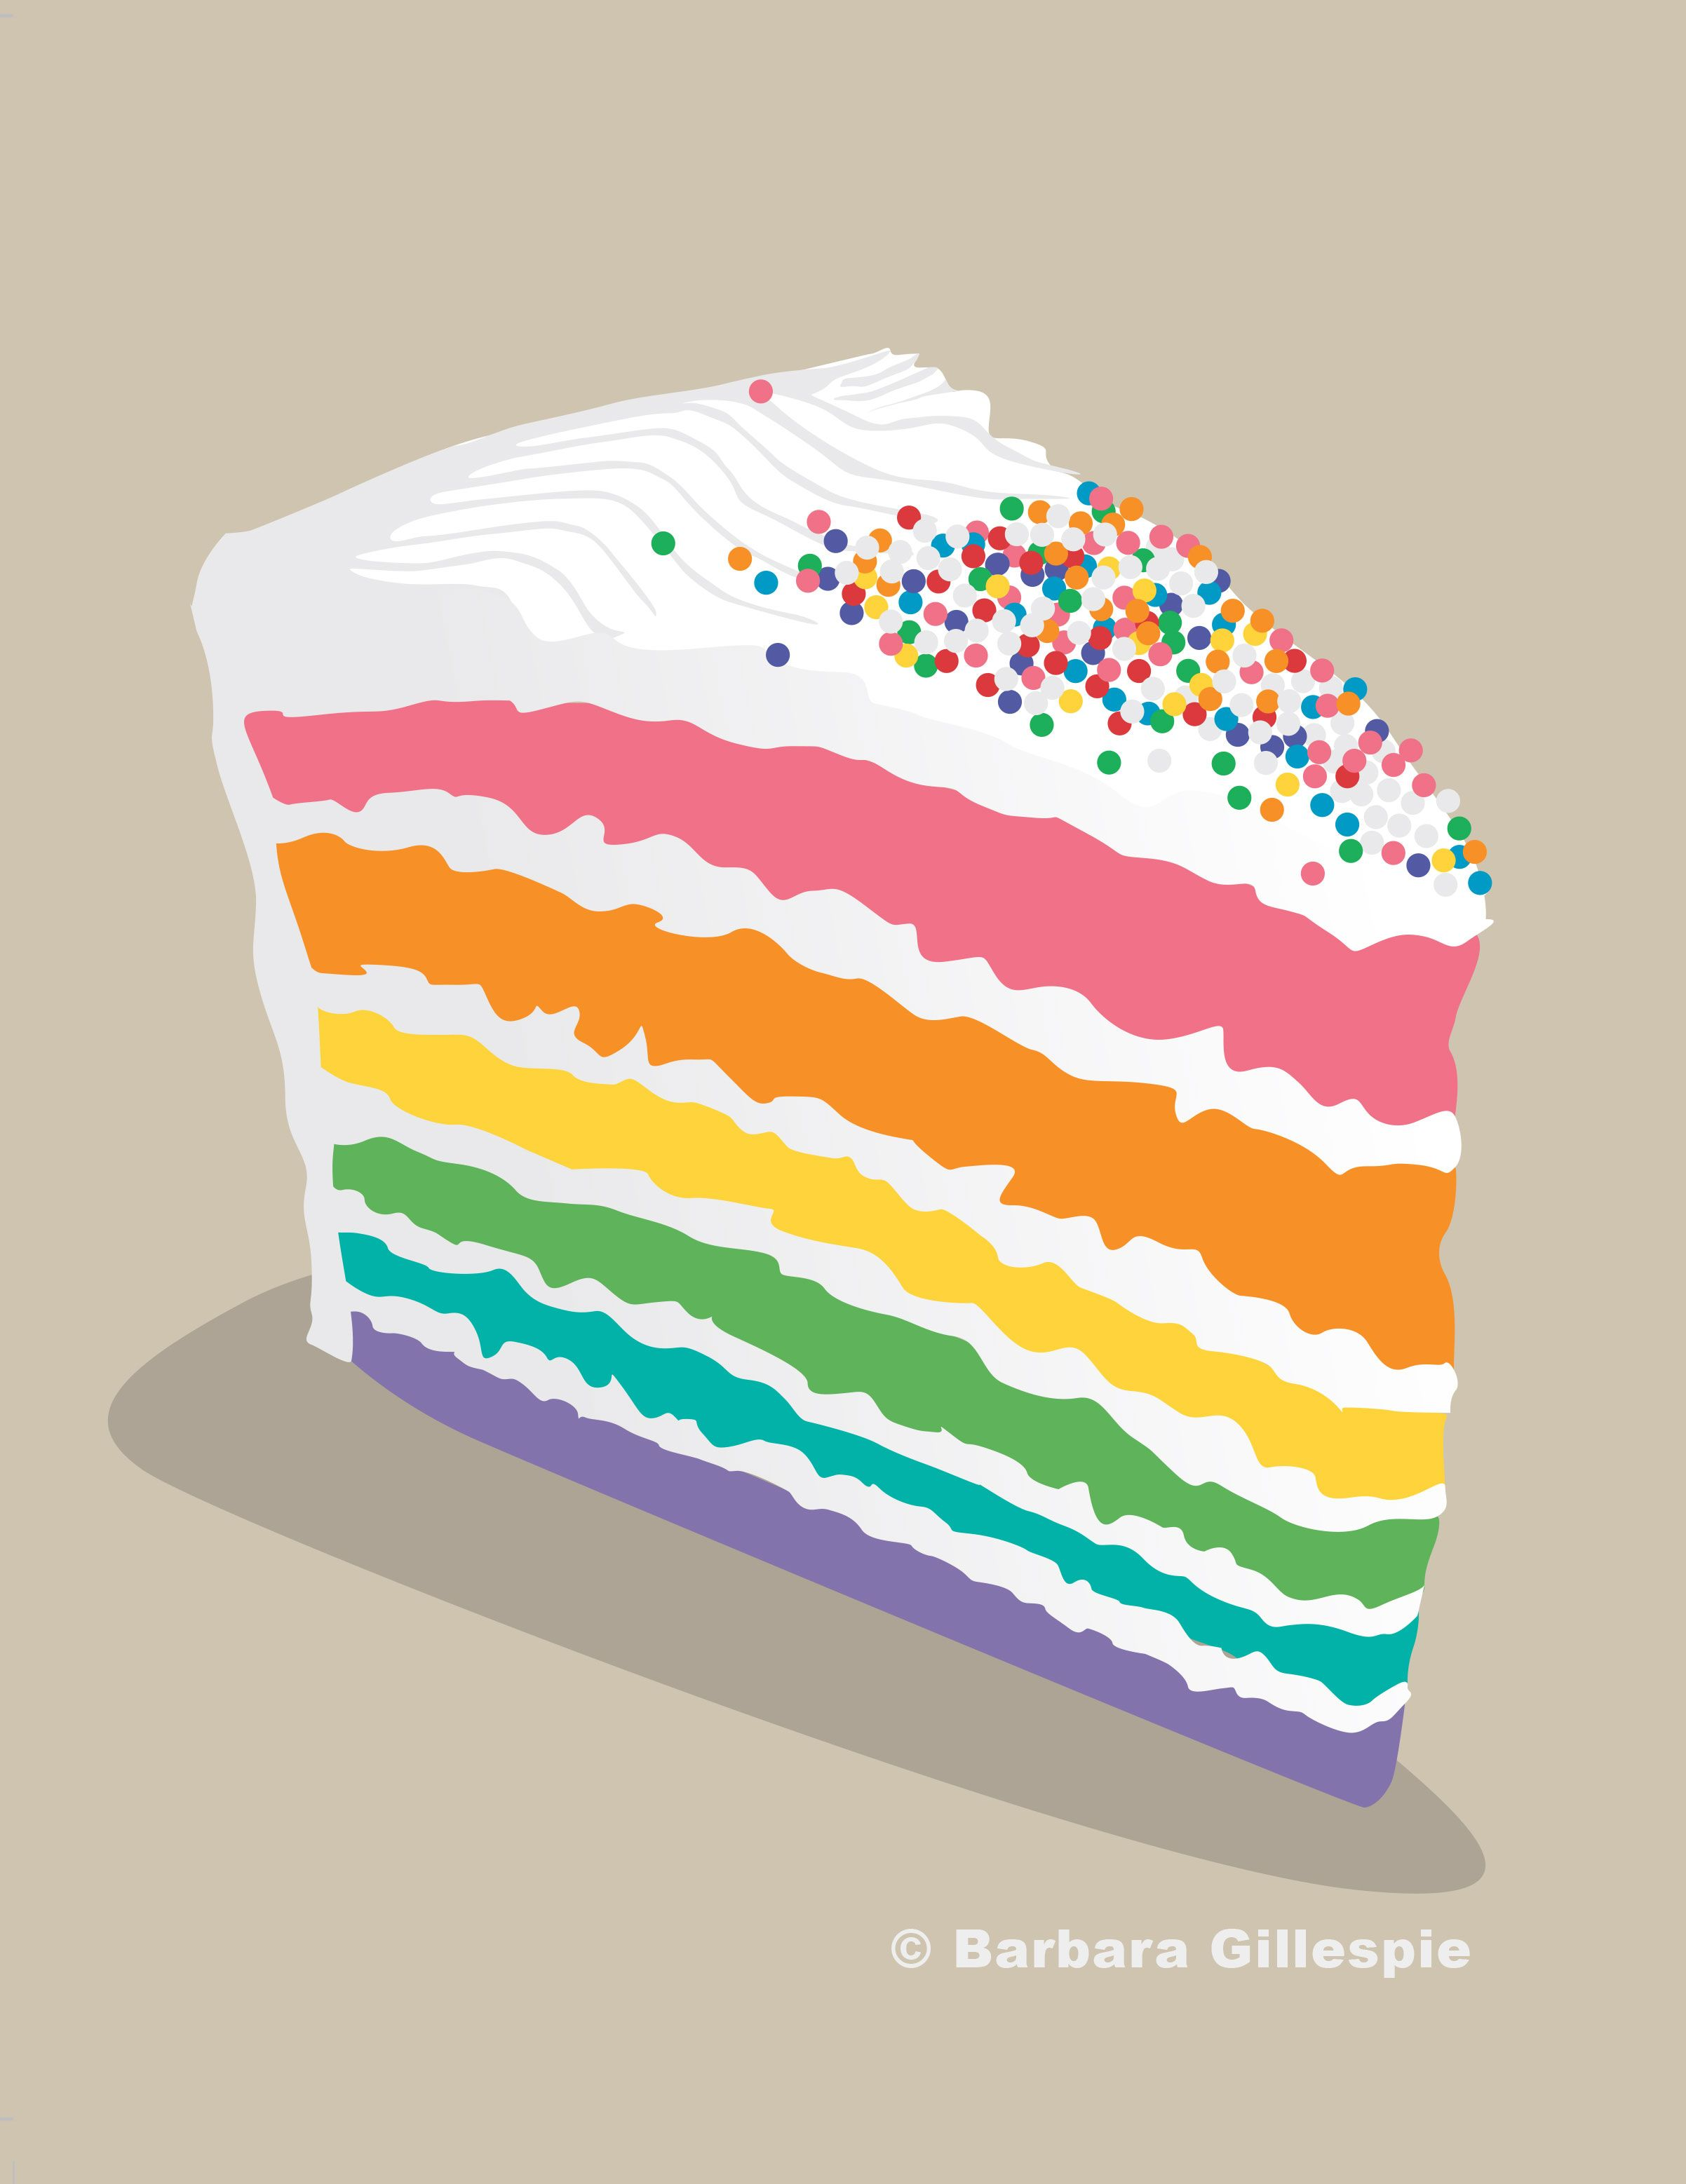 Rainbow Cake Print / Piece of Cake Print / Cake Art Print.